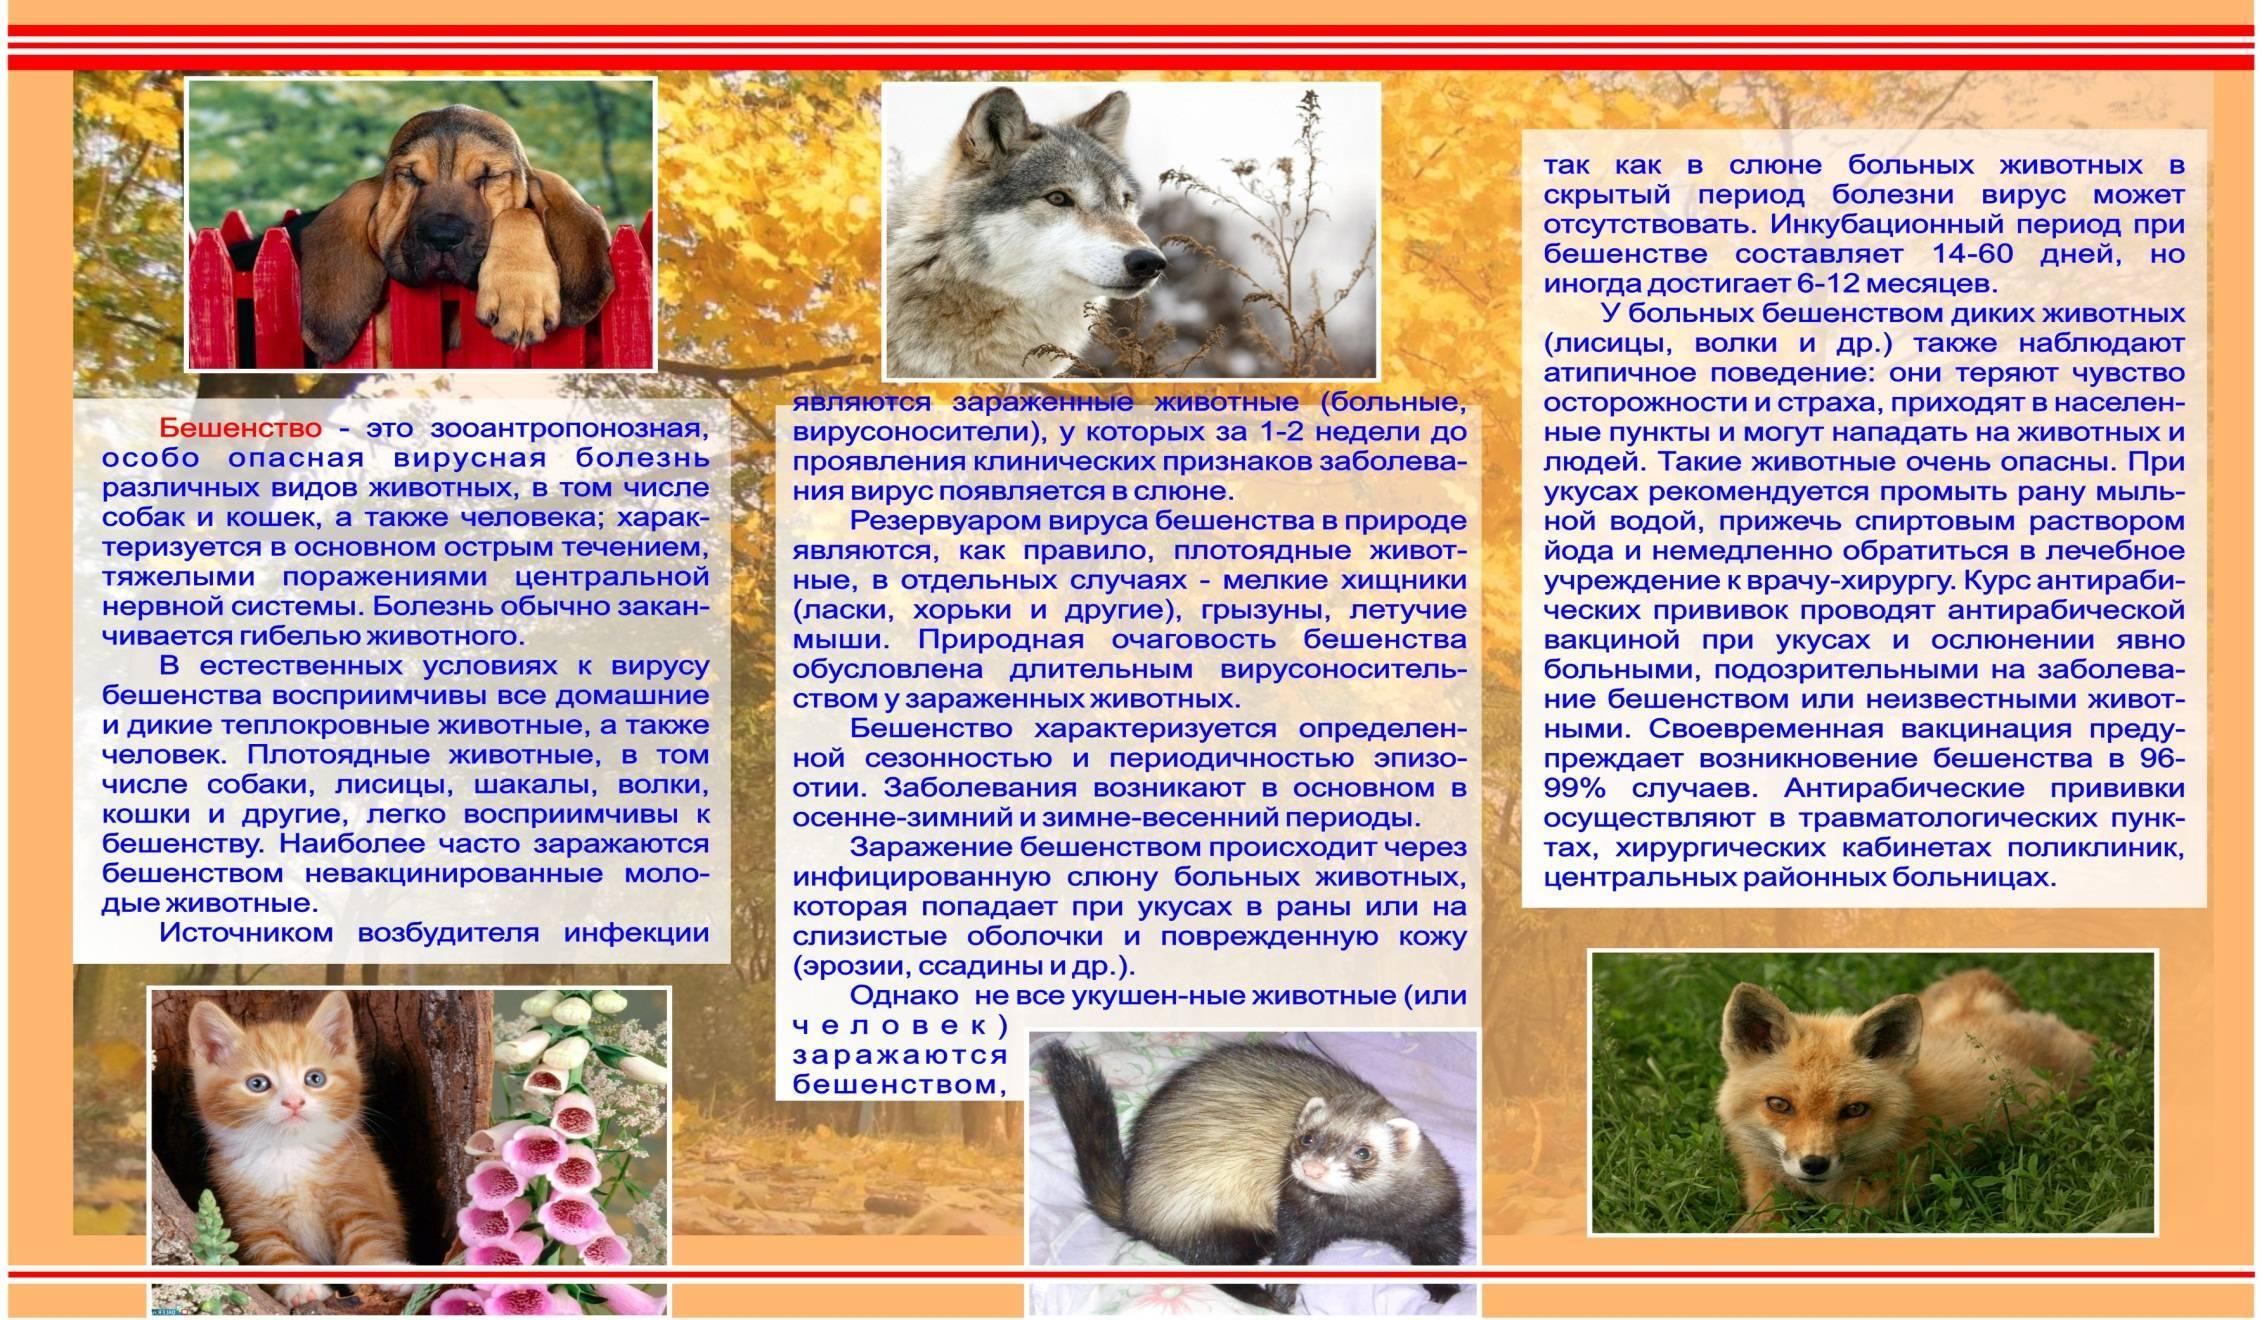 Инкубационный период бешенства у кошек: когда ждать первые симптомы заболевания